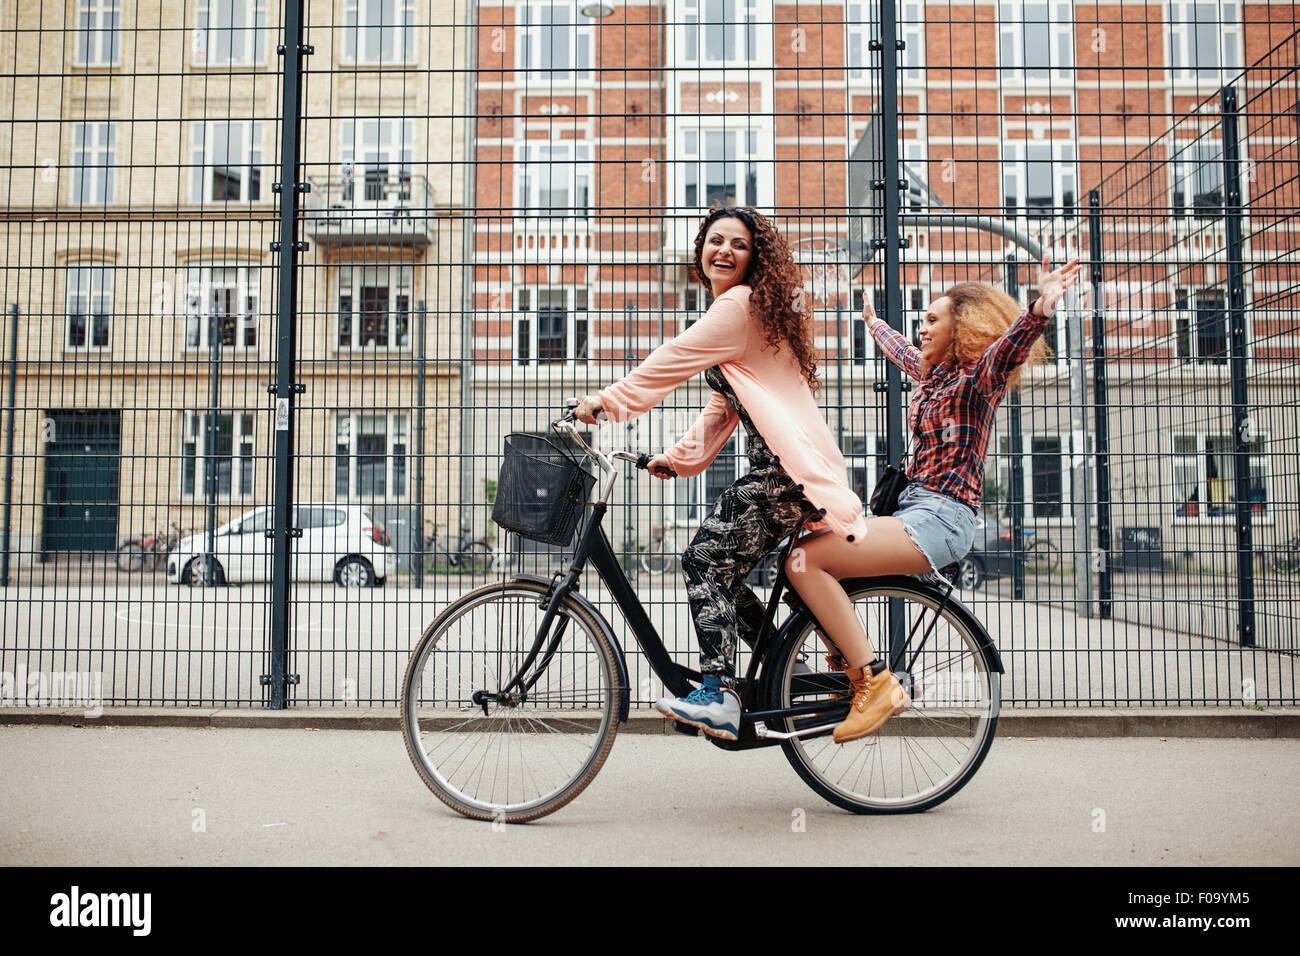 Porträt von zwei glücklichen jungen Frauen genießen Radtour auf Stadtstraße. Freundinnen auf Stockbild